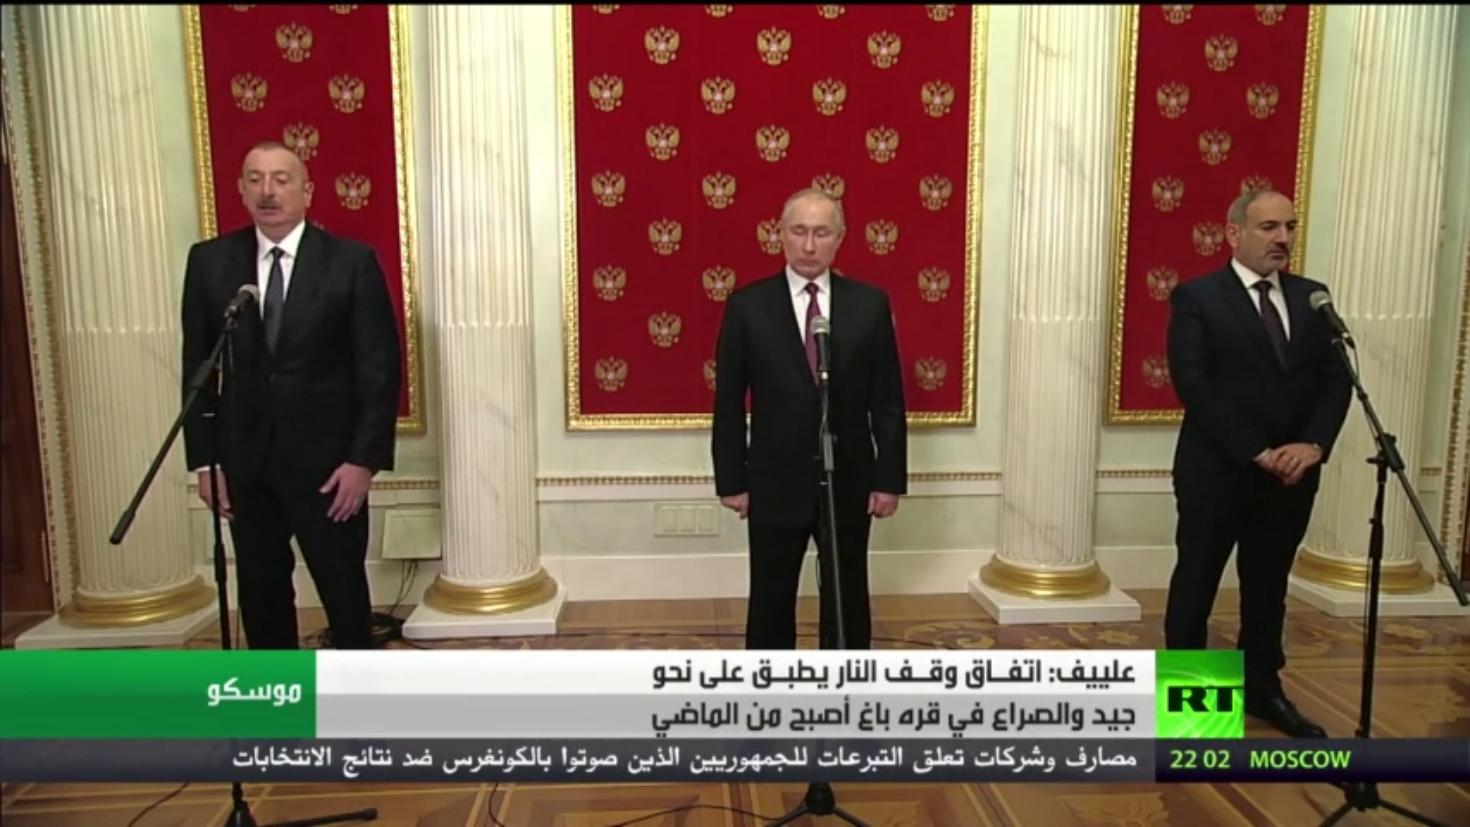 قمة موسكو.. اتفاق بشأن التنمية في قره باغ